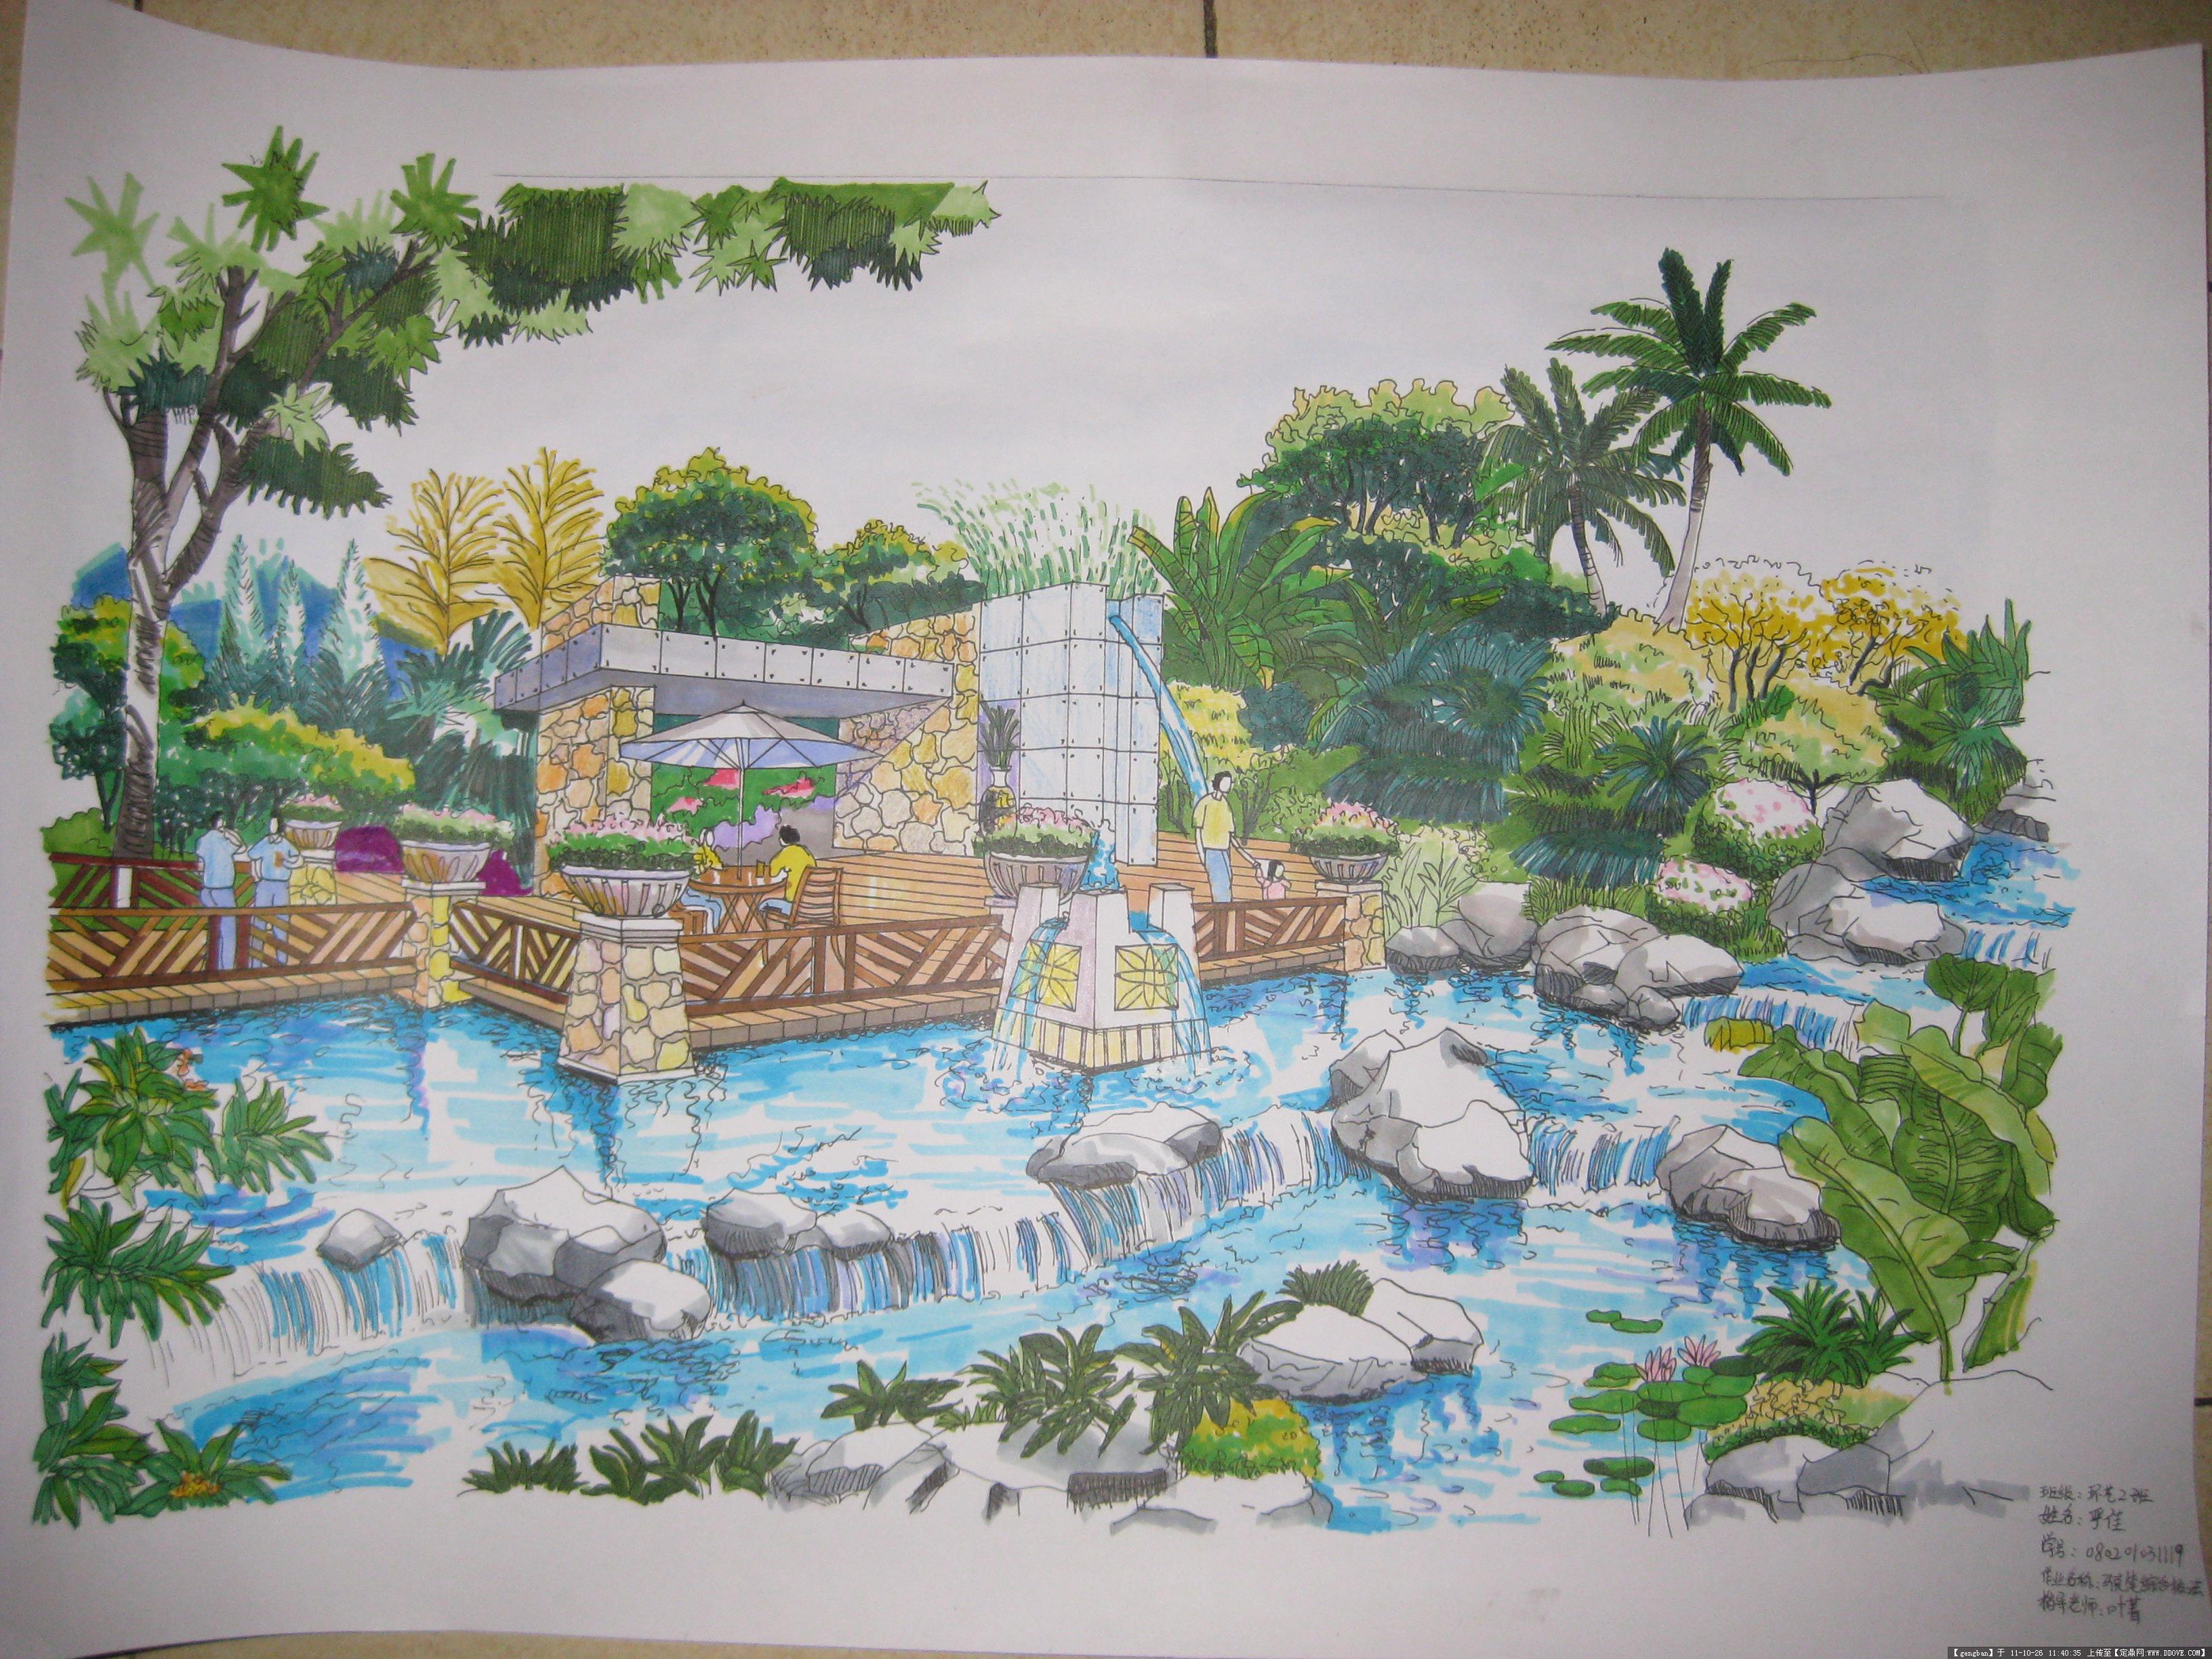 园林手绘水景效果图的图片浏览,园林效果图,滨水景观